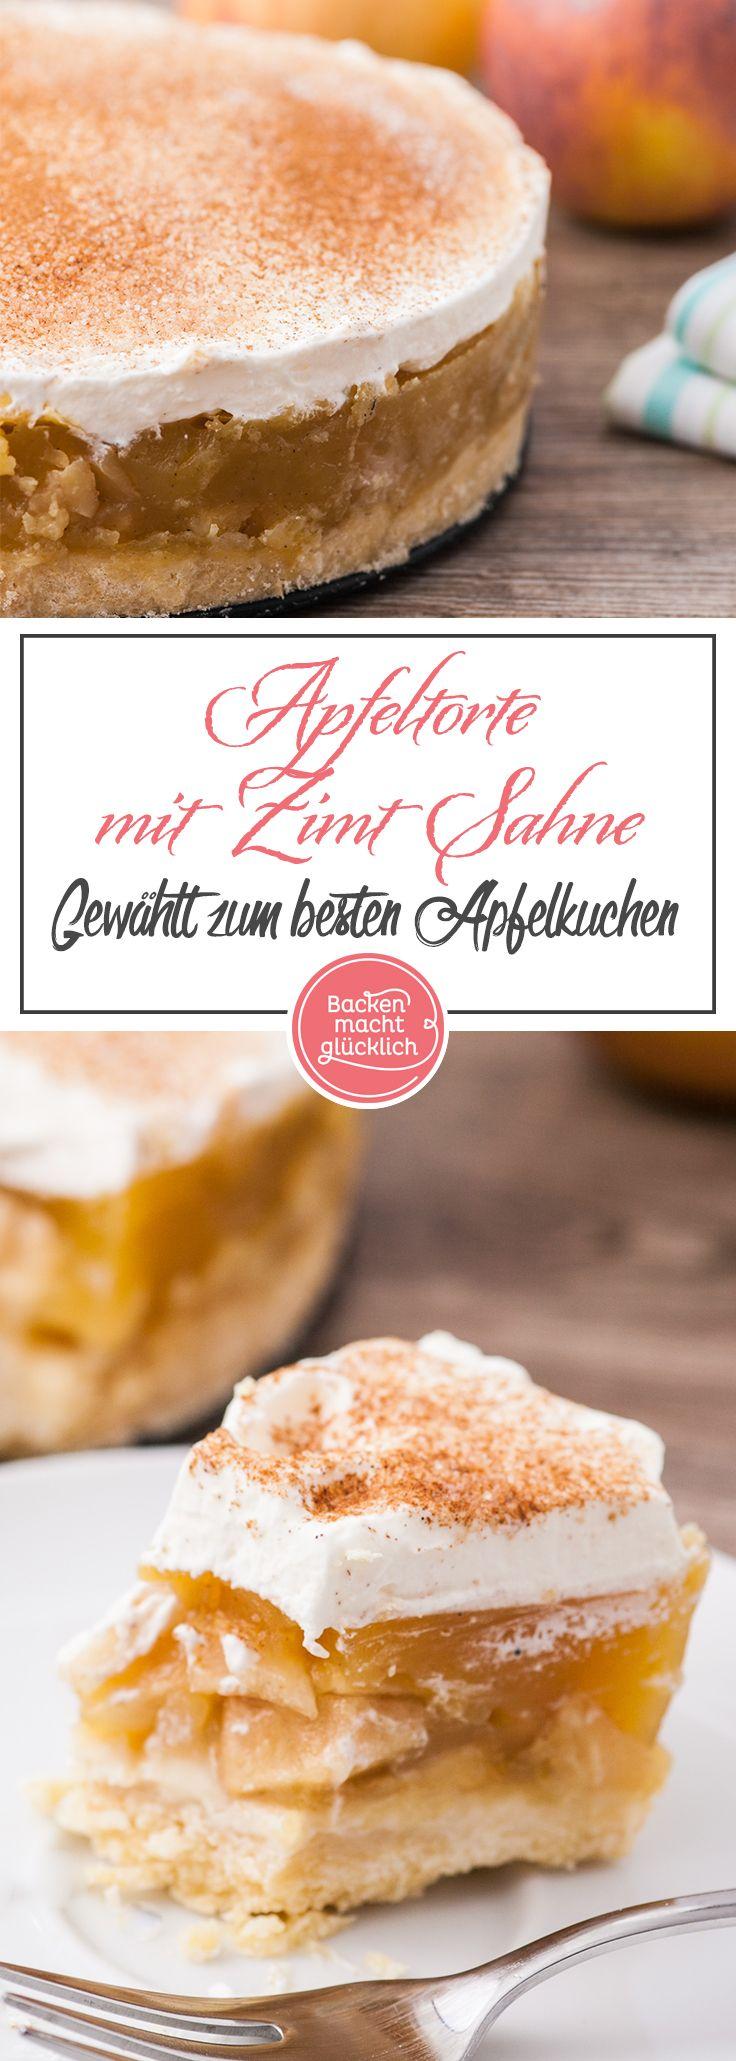 Diese Apfel-Sahne-Torte ist einer der allerbesten Apfelkuchen überhaupt: Auf den nur leicht süßen Mürbeteig folgen eine saftige, erfrischende Apfel-Pudding-Füllung und leckere Vanille-Zimt-Sahne. Die Apfeltorte kommt immer gut an!